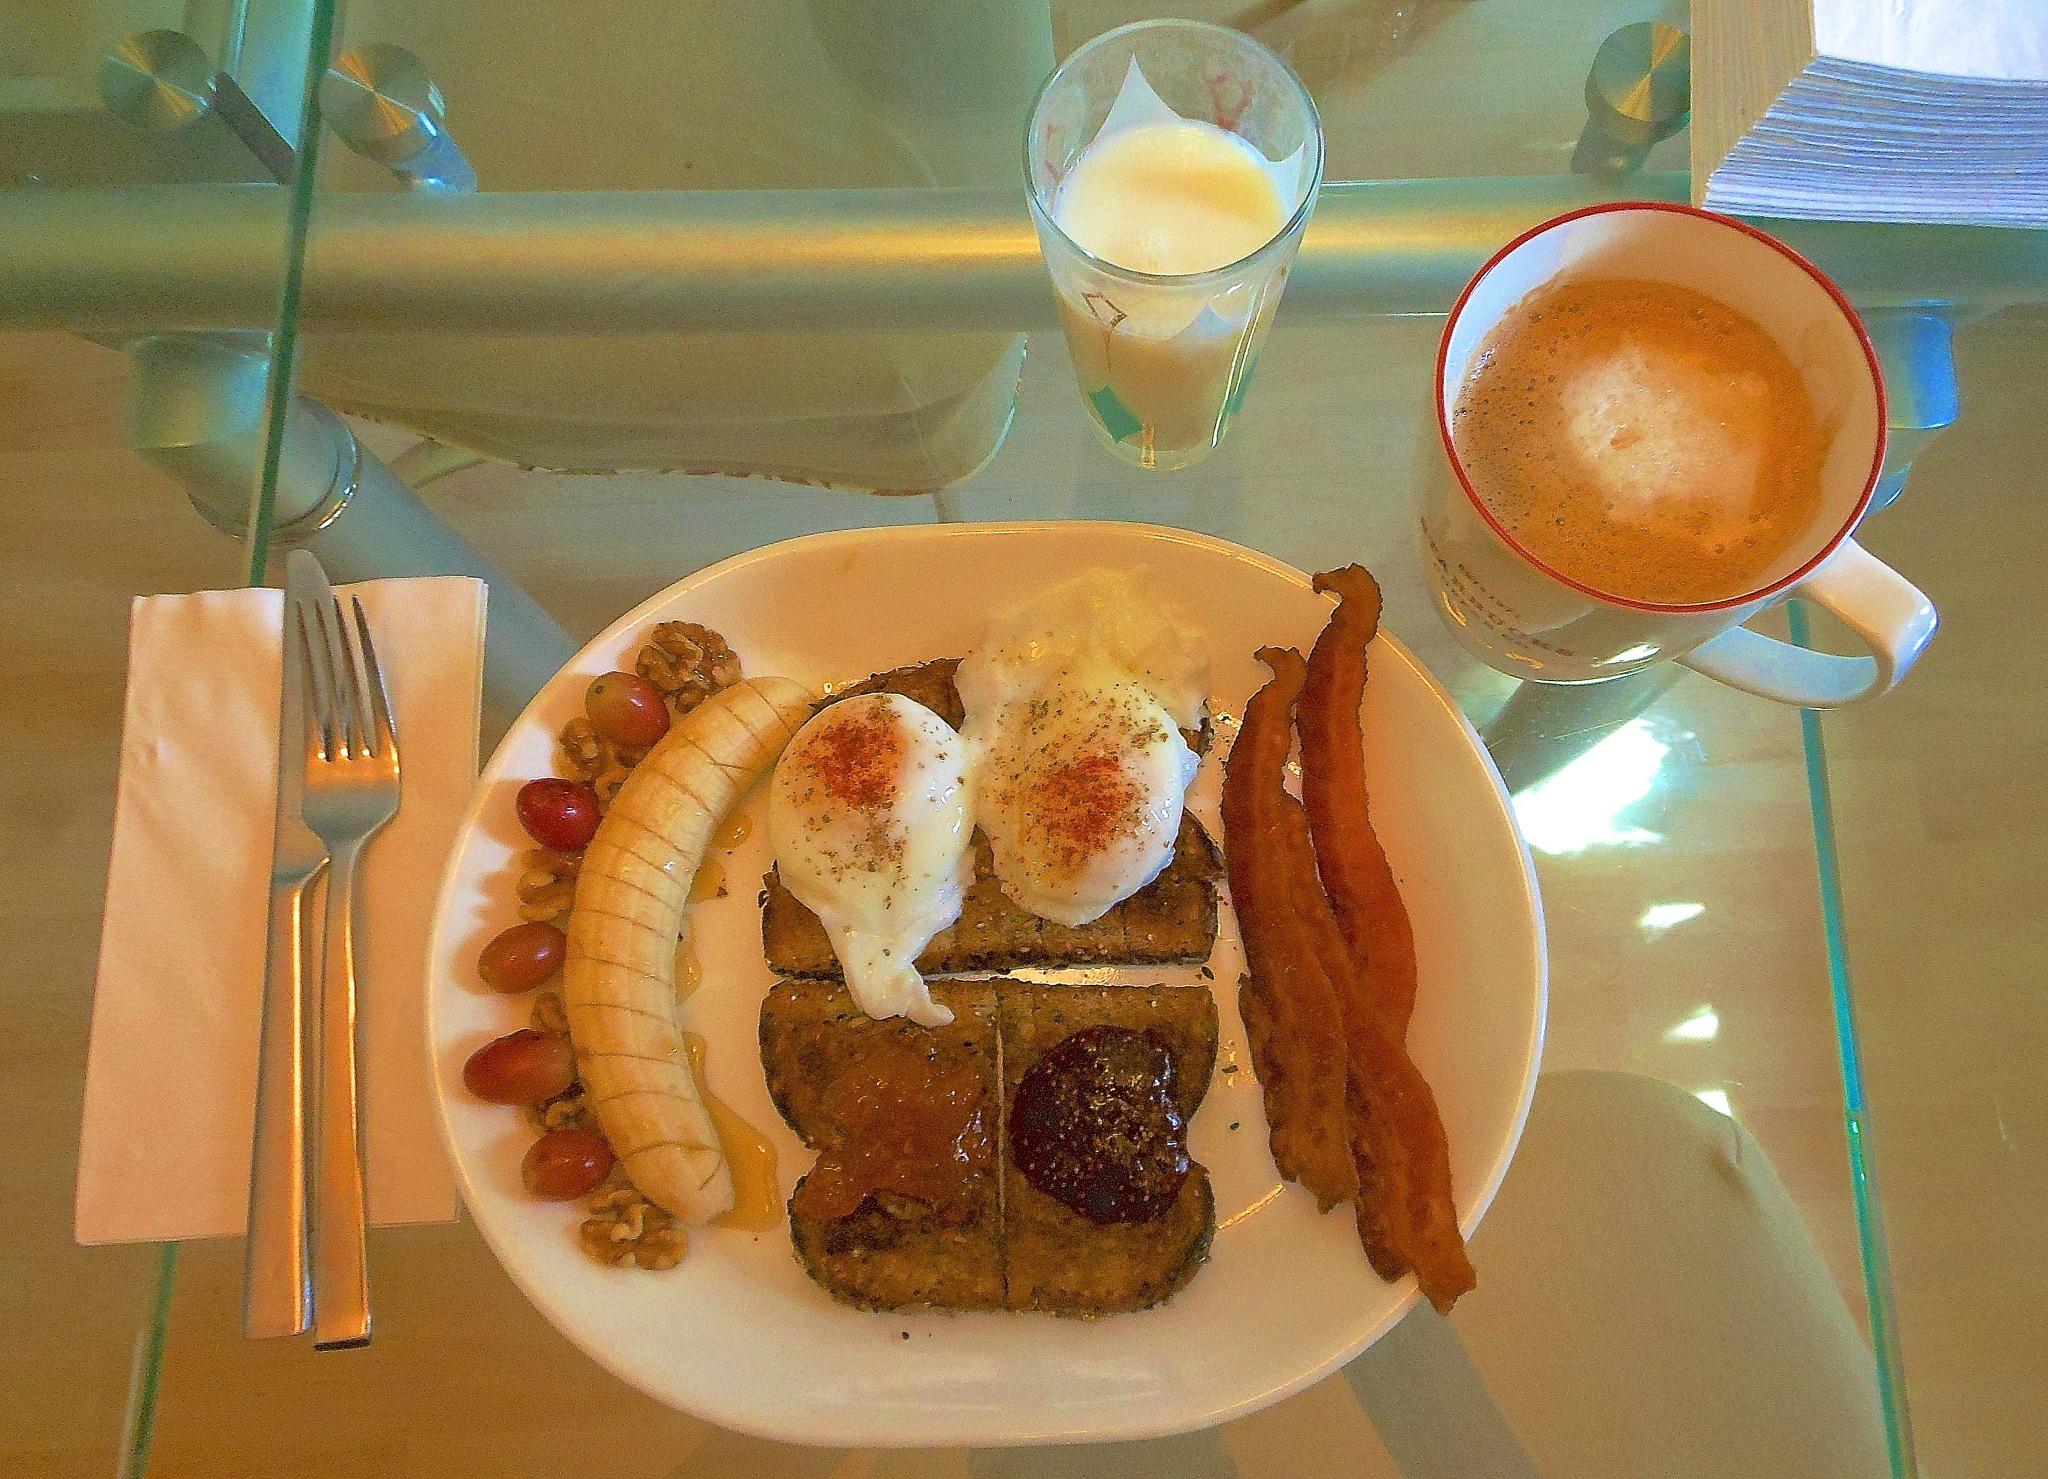 Breakfast is Served by John Norman Stewart